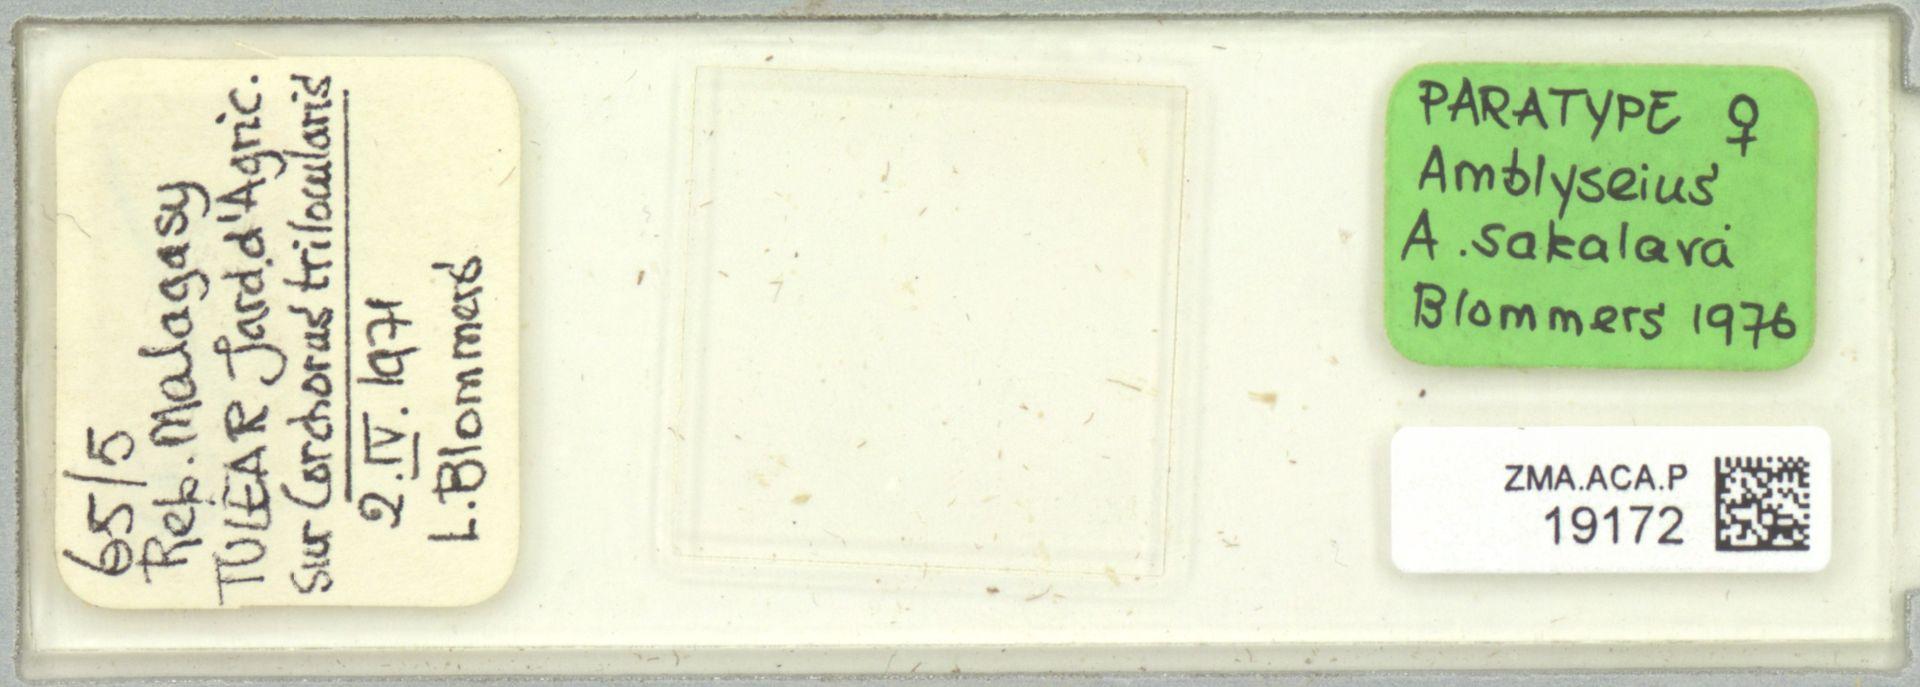 ZMA.ACA.P.19172   Amblyseius (Amblyseius) sakalava Blommers, 1976